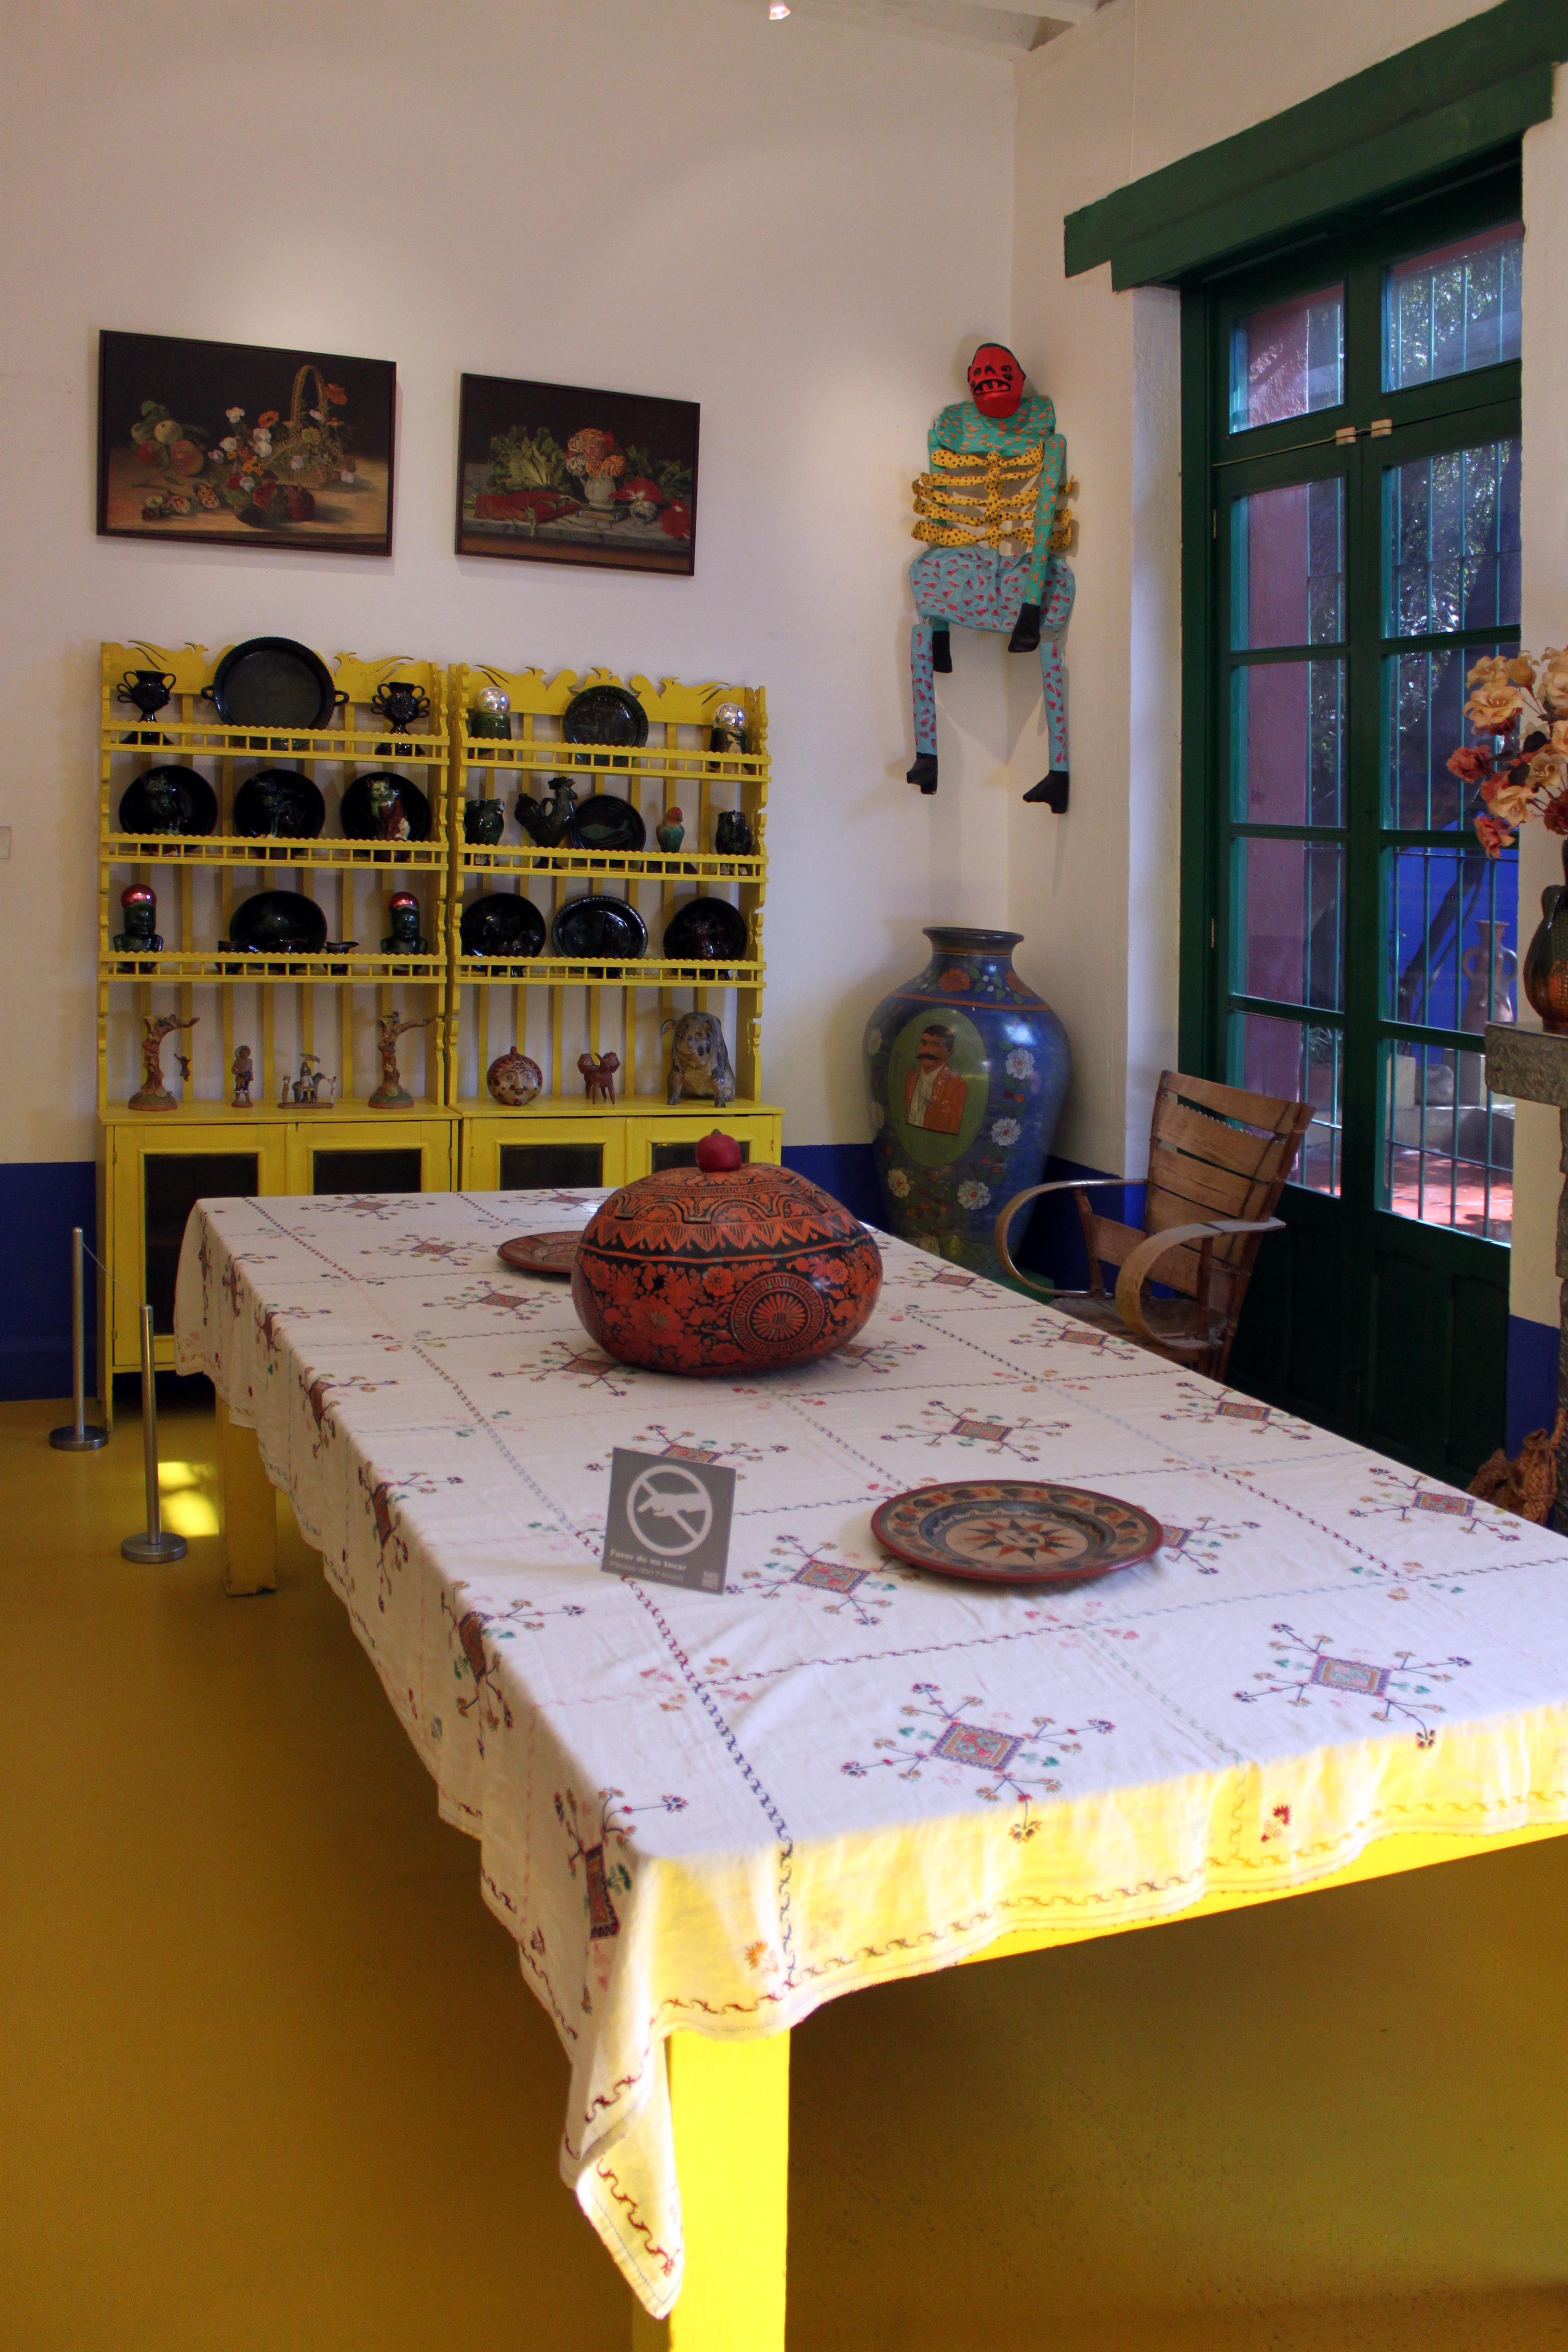 File:2013 12 22 Esszimmer Frida Kahlo Museum Mexico City Anagoria.JPG